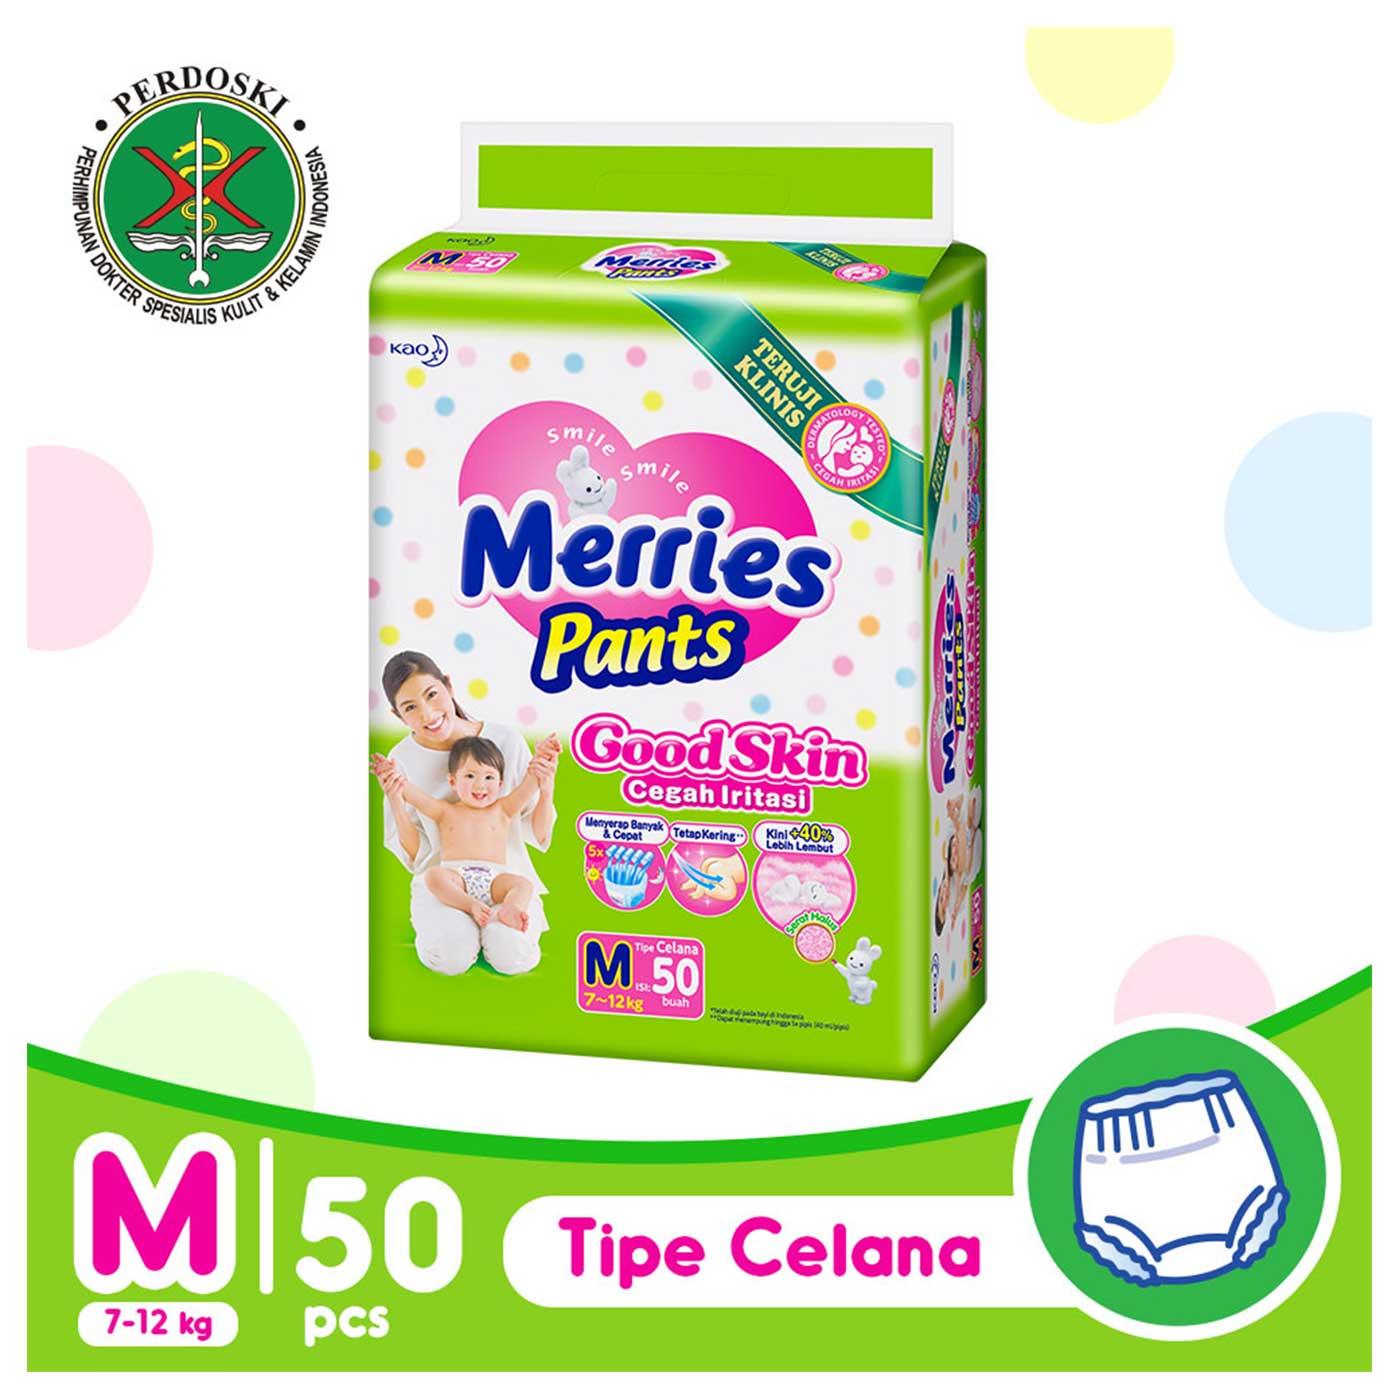 Merries Pants Good Skin M 50